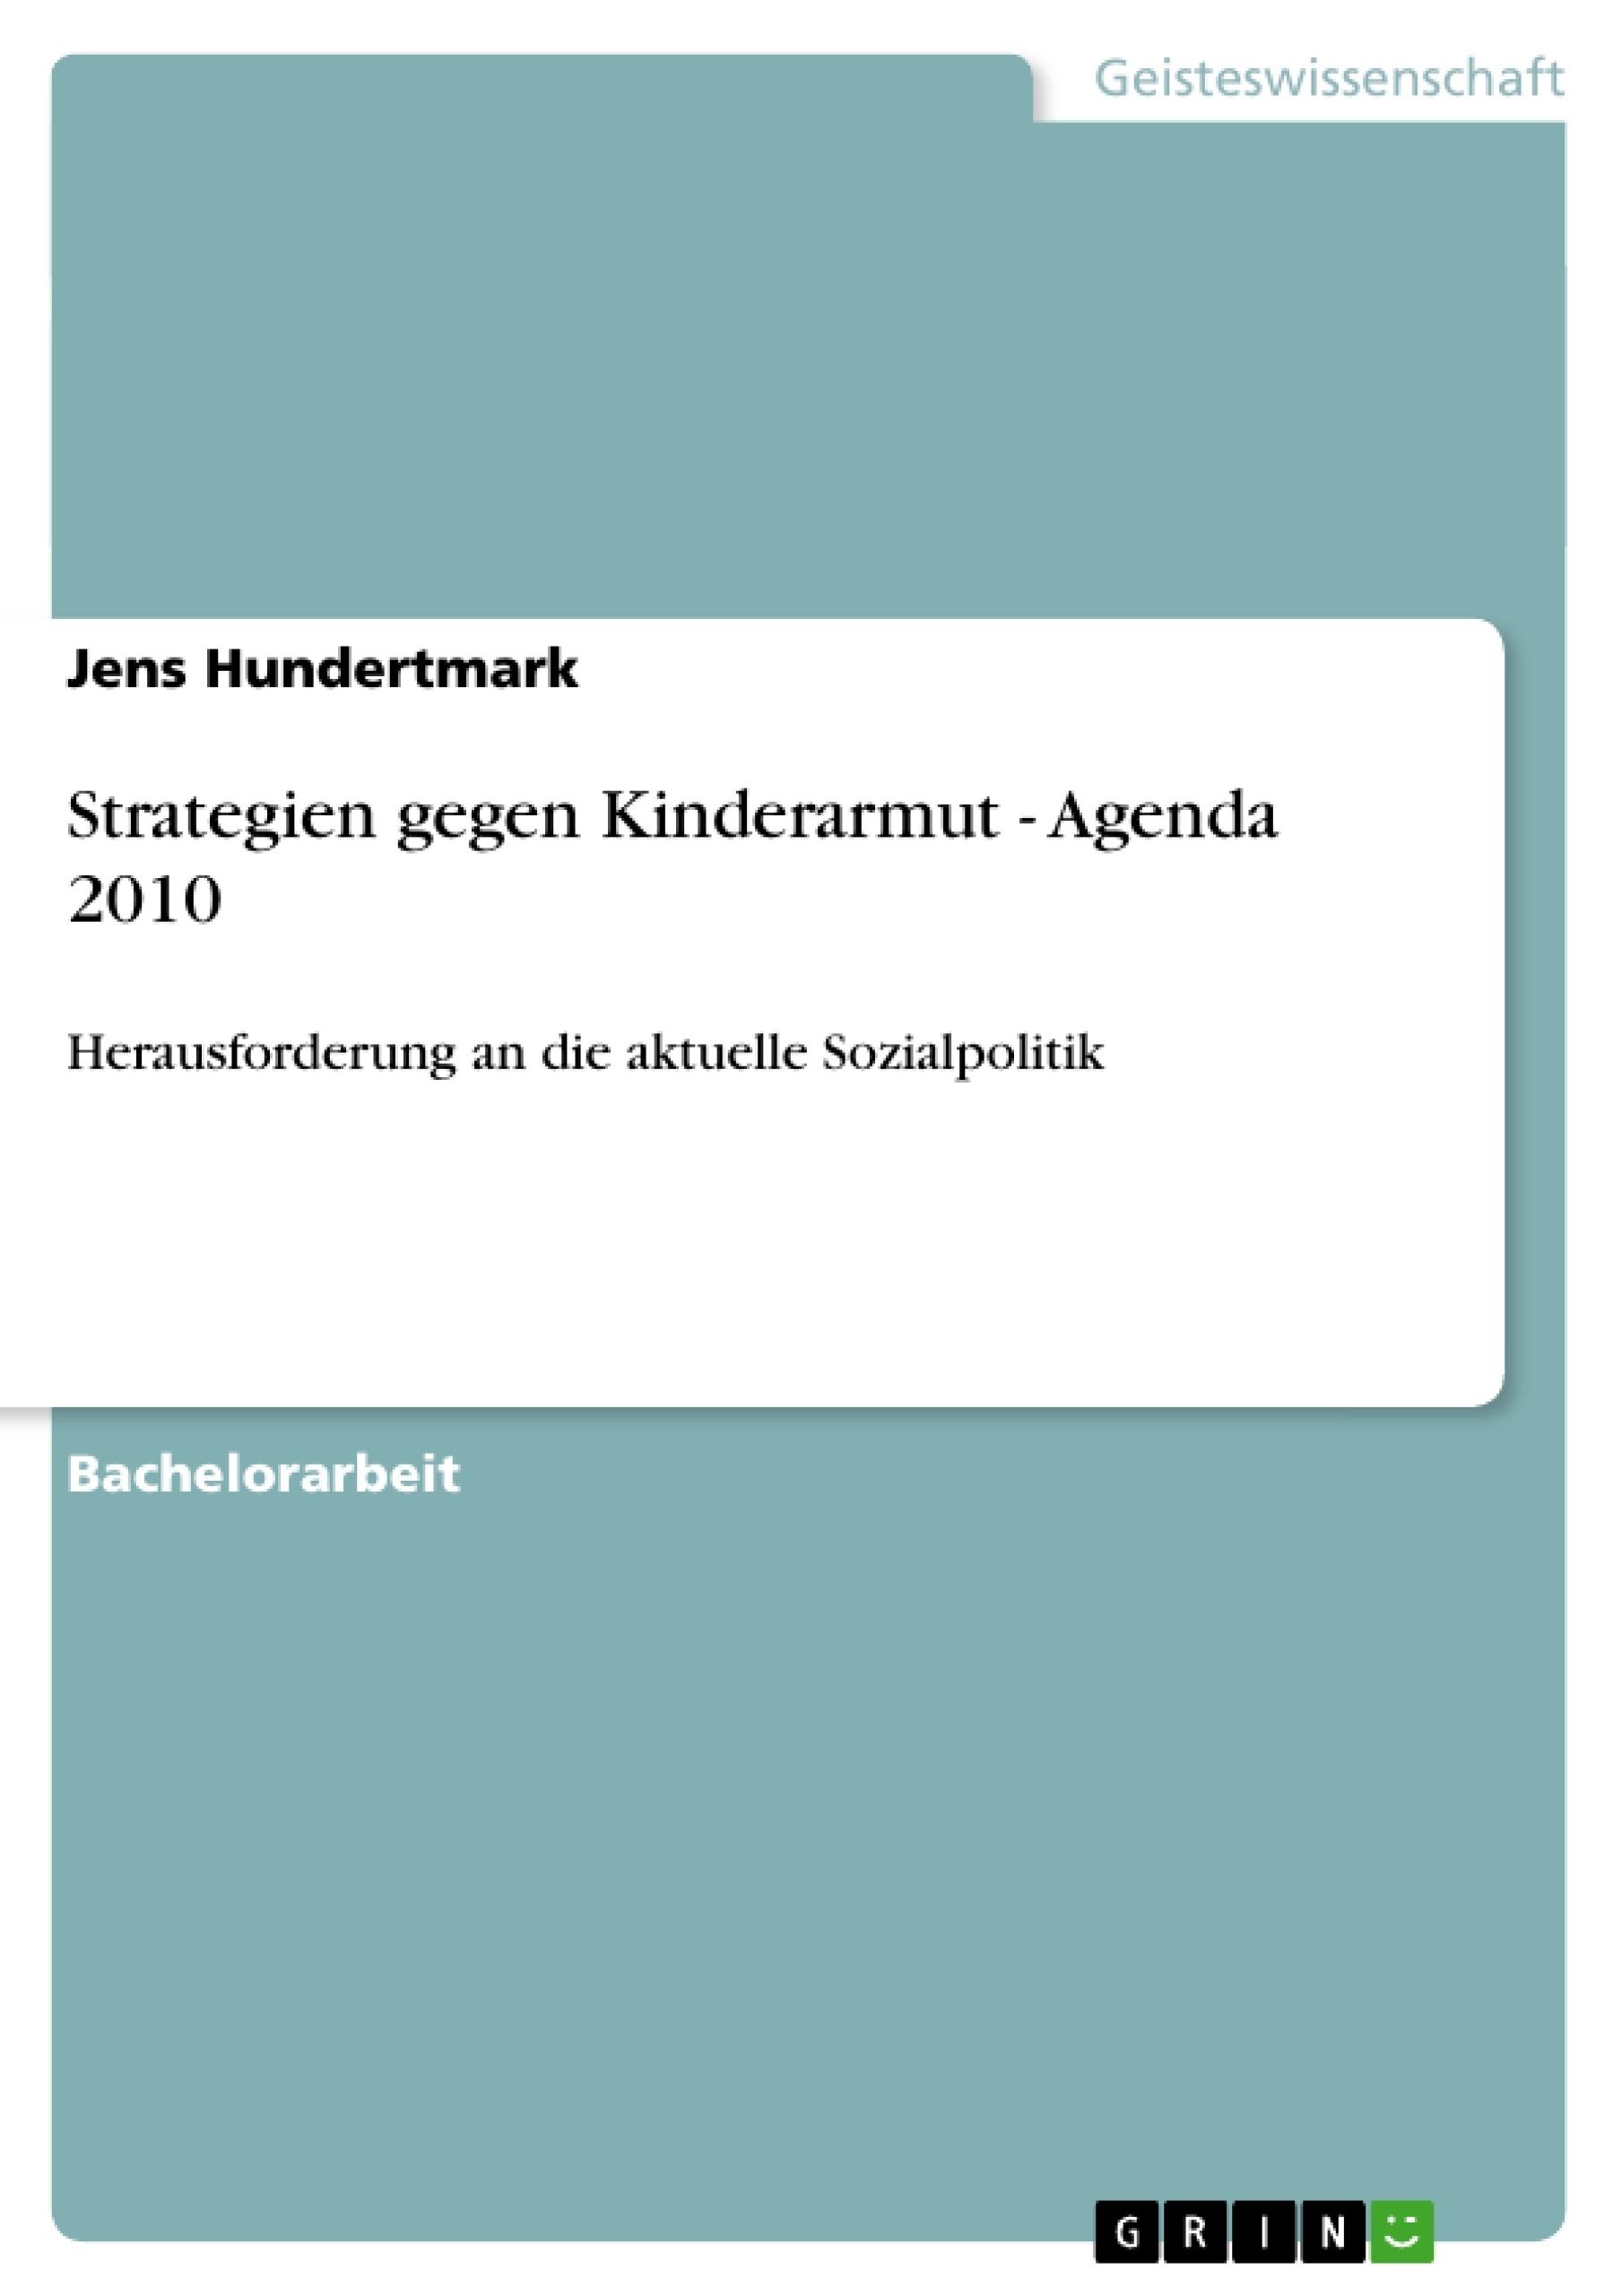 Titel: Strategien gegen Kinderarmut - Agenda 2010